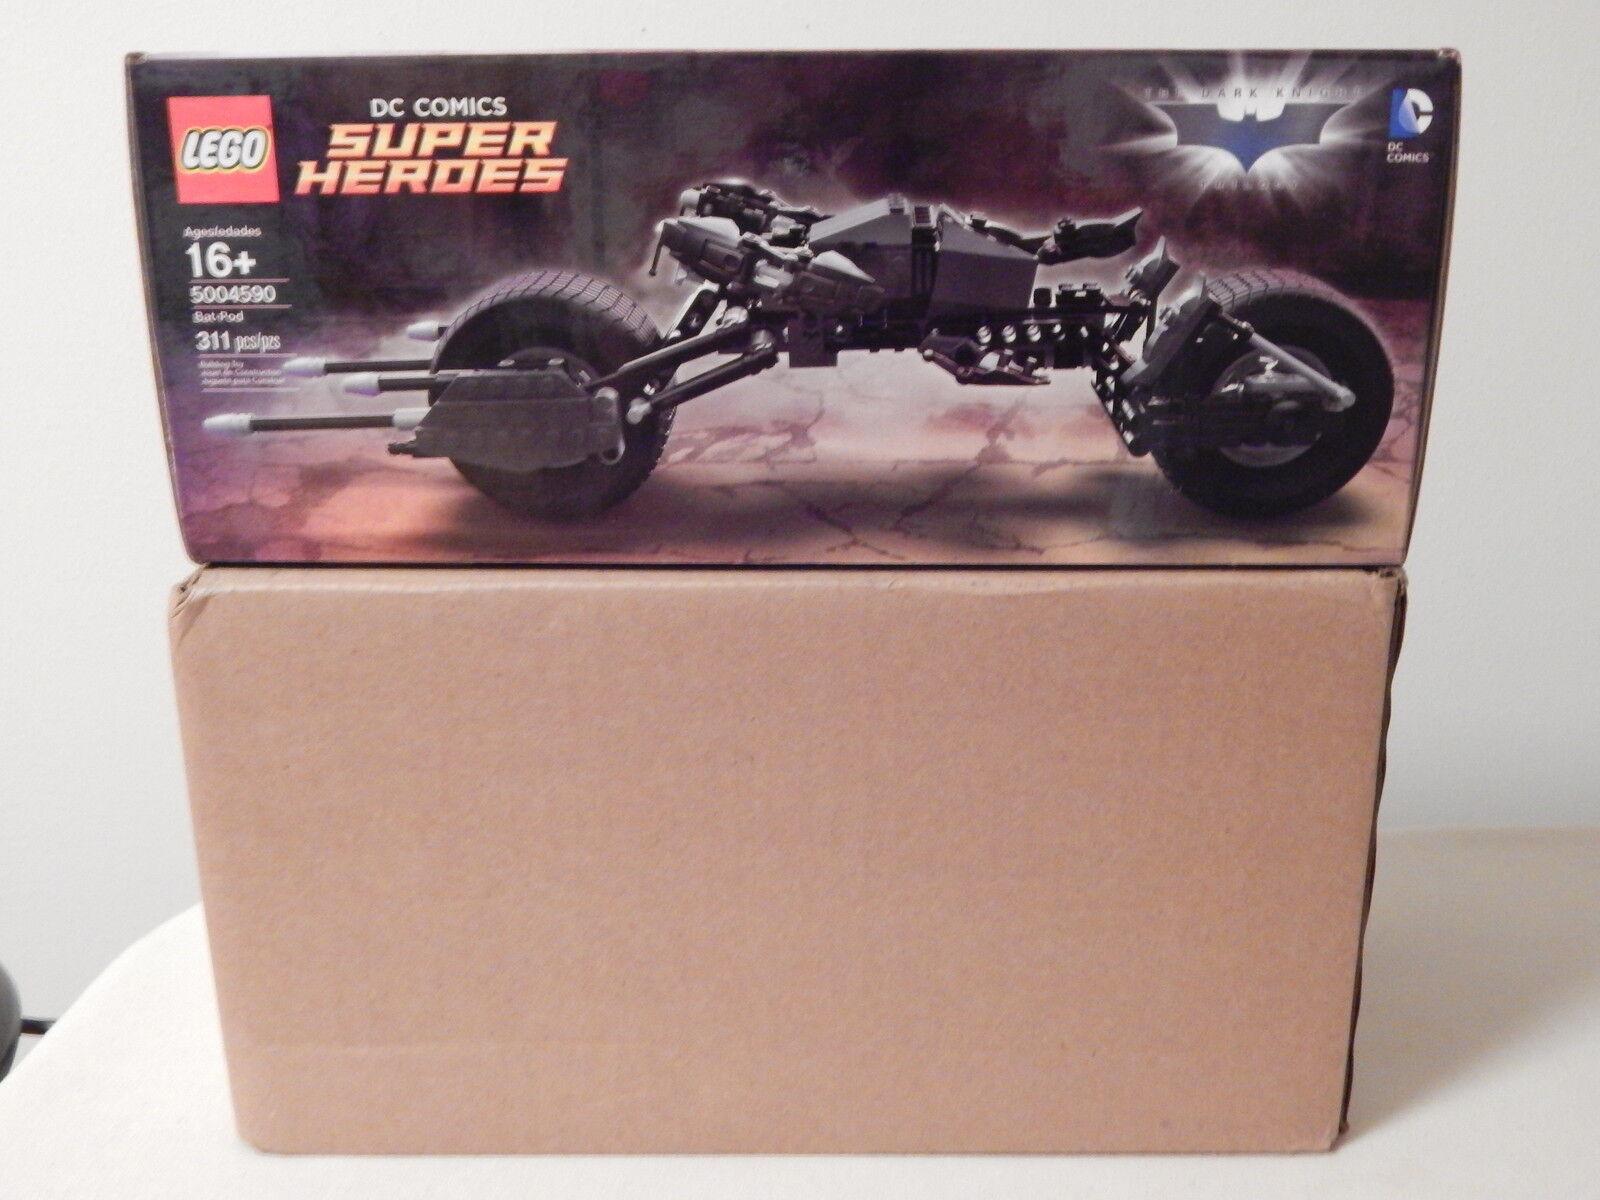 LEGO 5004590 Bat Pod DC Super Heroes Batman The Dark Knight Exclusive 1 Of 750